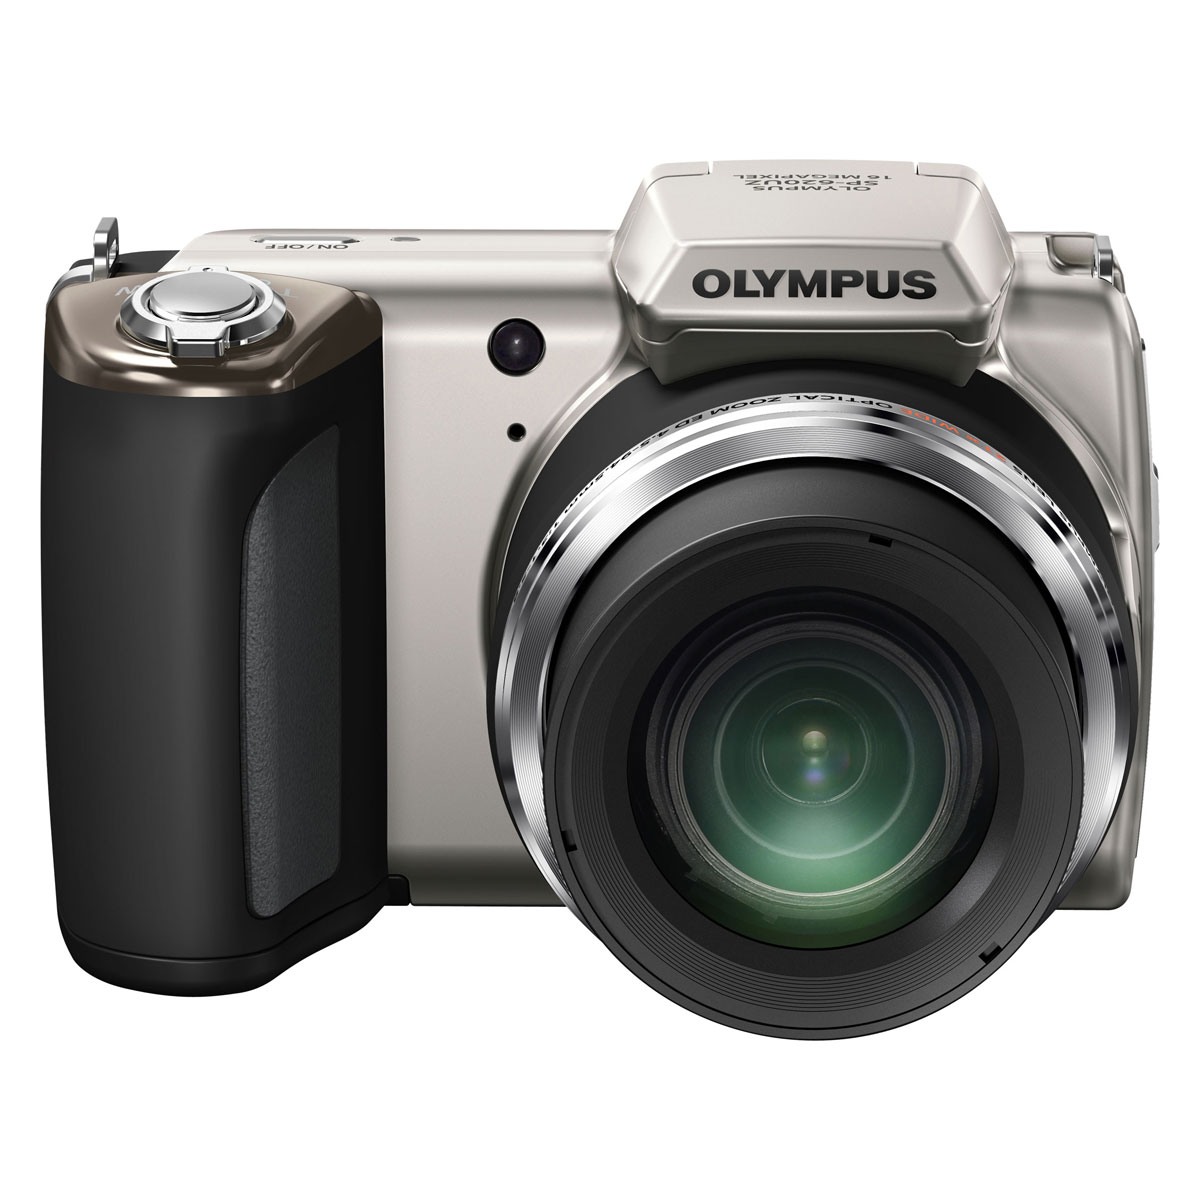 olympus sp 620uz argent appareil photo num rique olympus sur ldlc. Black Bedroom Furniture Sets. Home Design Ideas